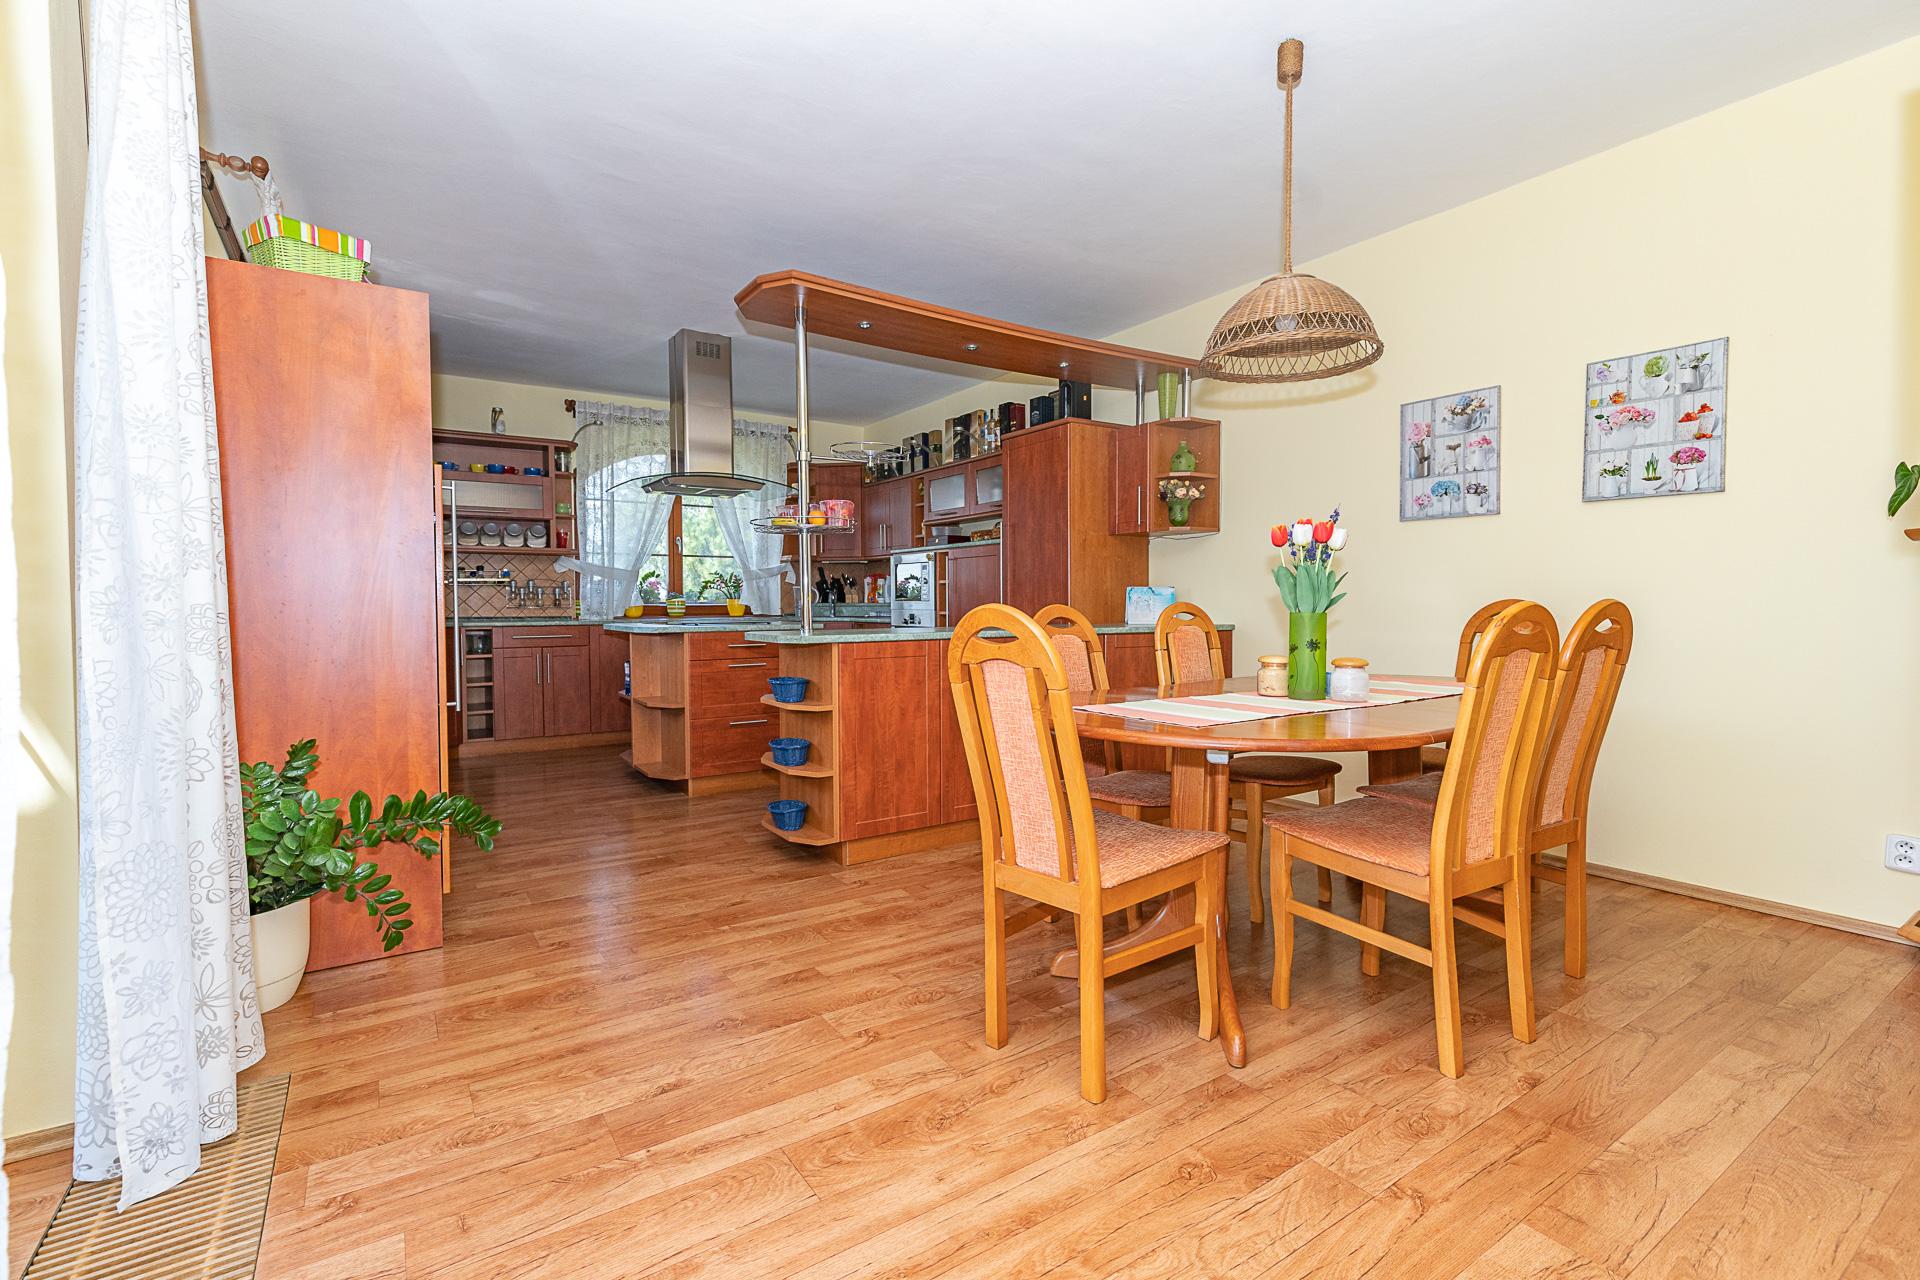 kuchyňský kout s ostrůvkem, okenem a jídelním stolem